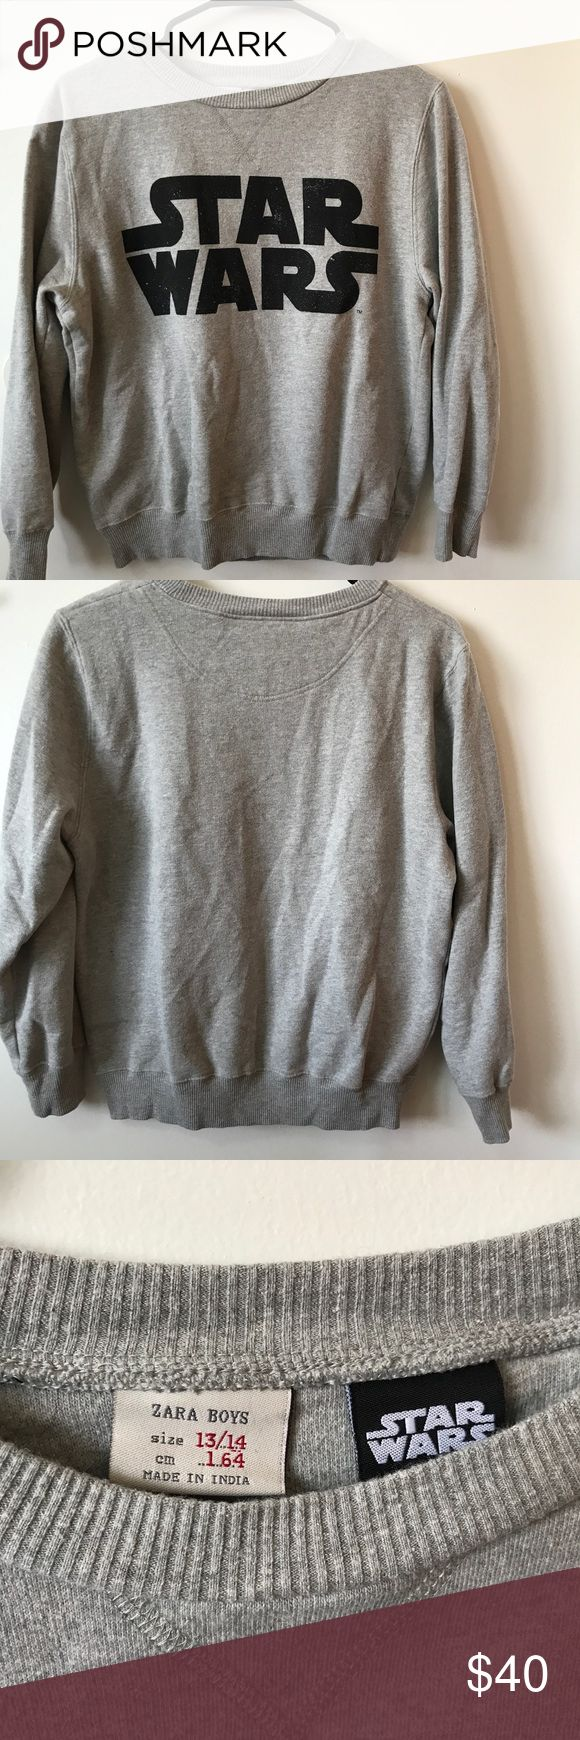 Zara Star Wars Sweatshirt Zara Star Wars limited edition sweatshirt. Soft interior, only worn once. Can fit Women's S-M. Kids size 13-14. Zara Tops Sweatshirts & Hoodies